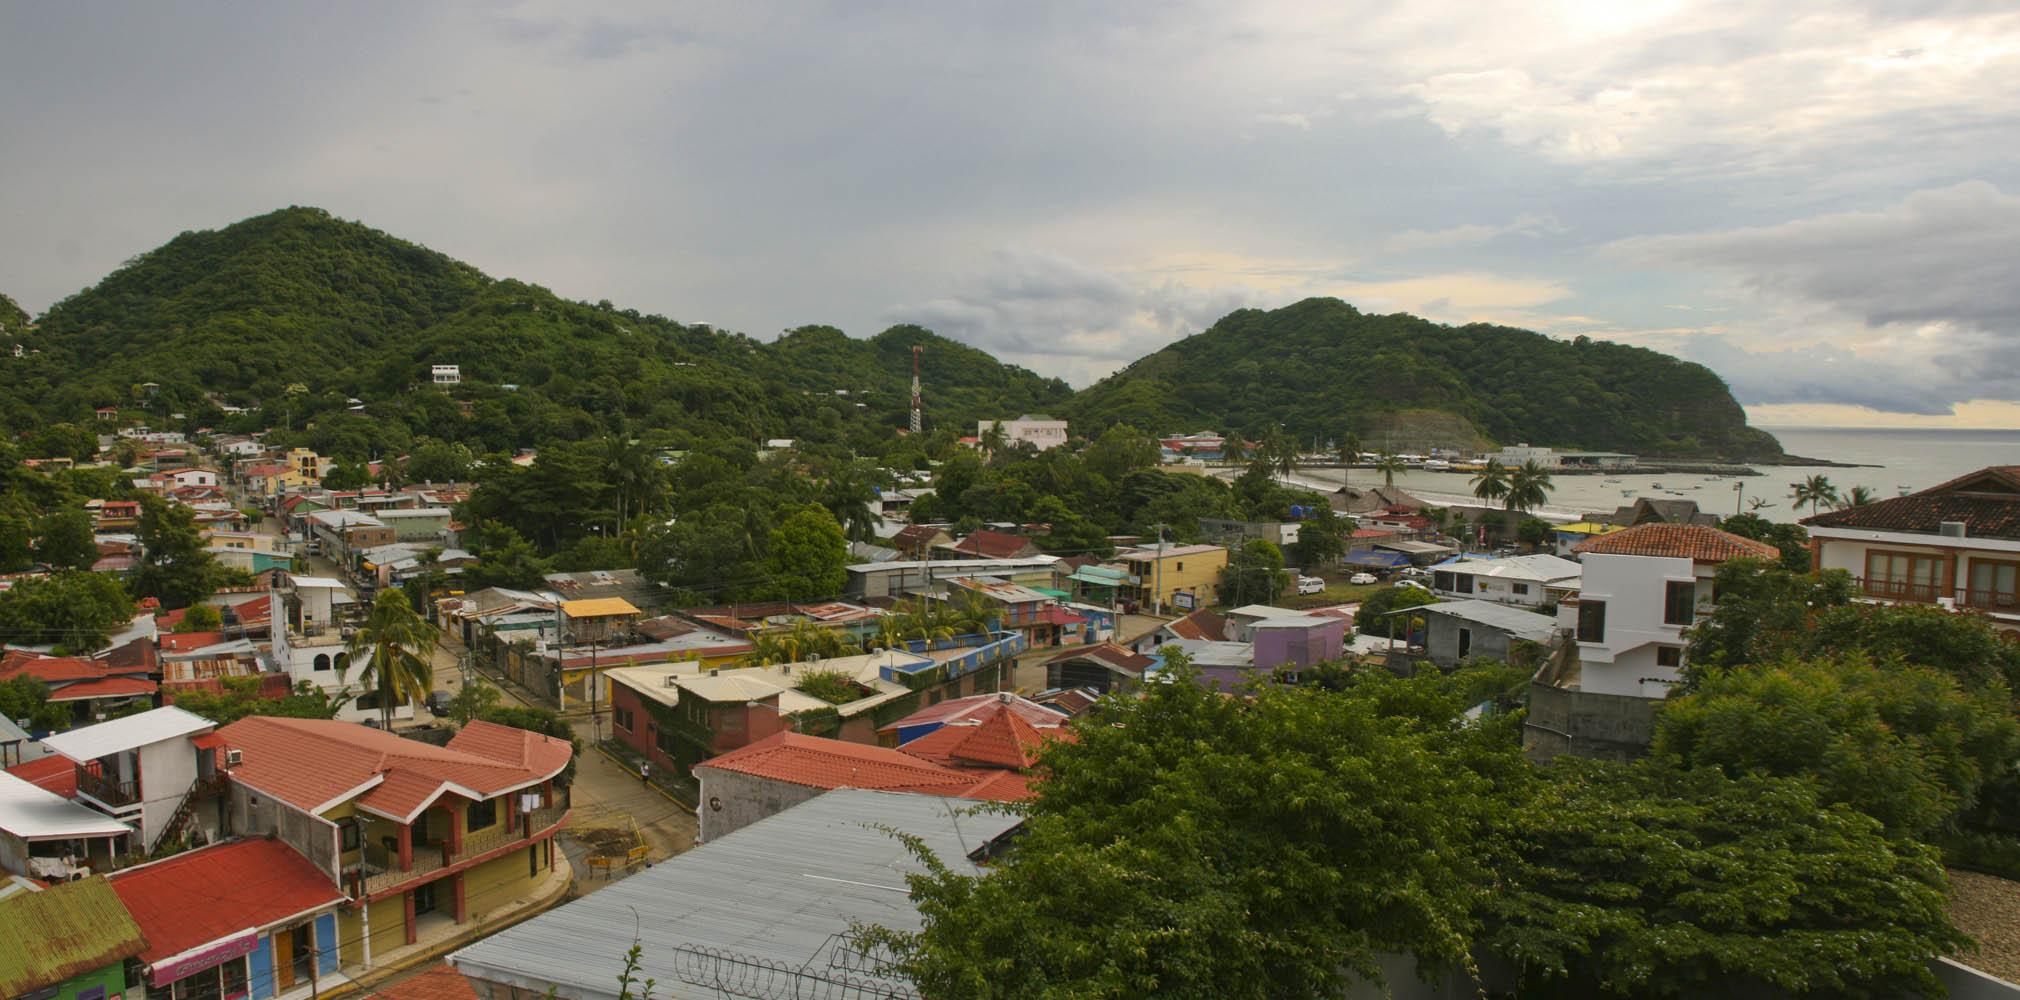 San Juan del Sur - Downtown